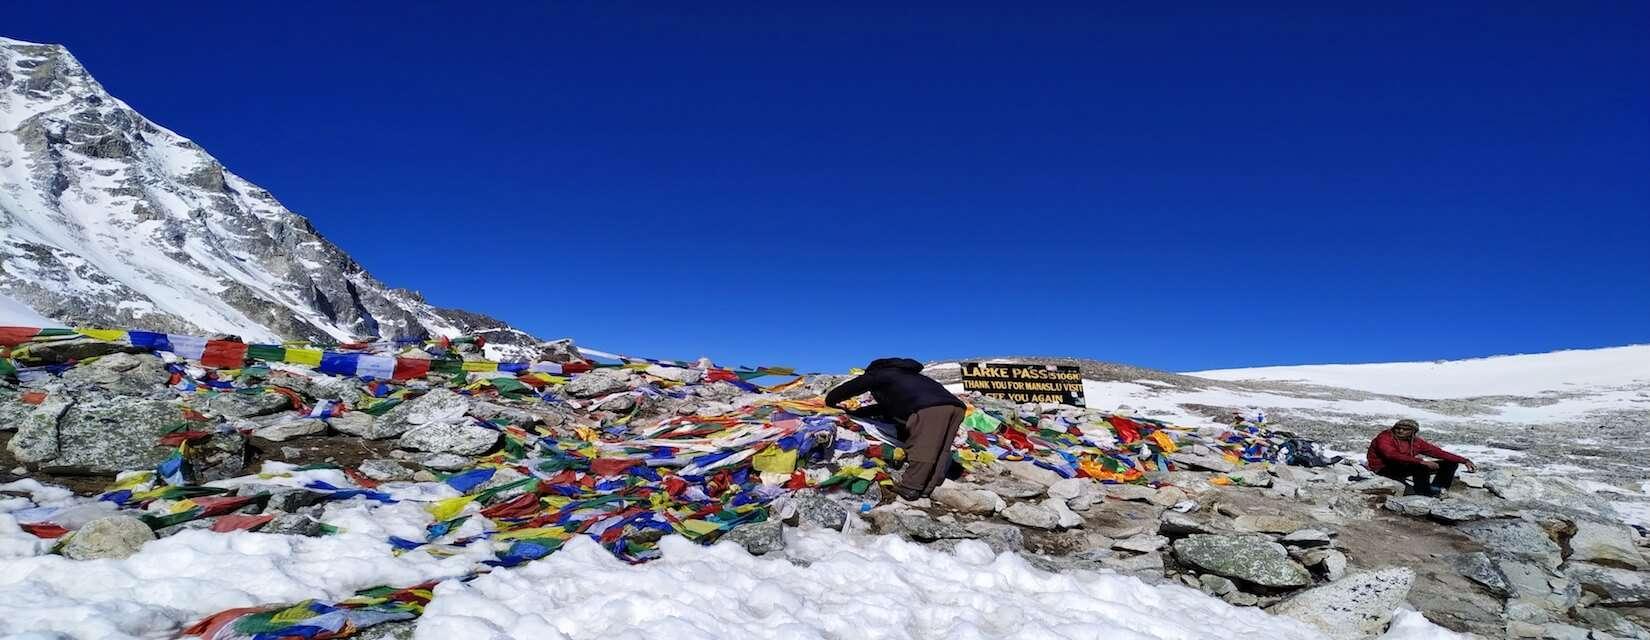 Manaslu Base Camp trek in Nepal: 16 day Himalaya trekking holiday